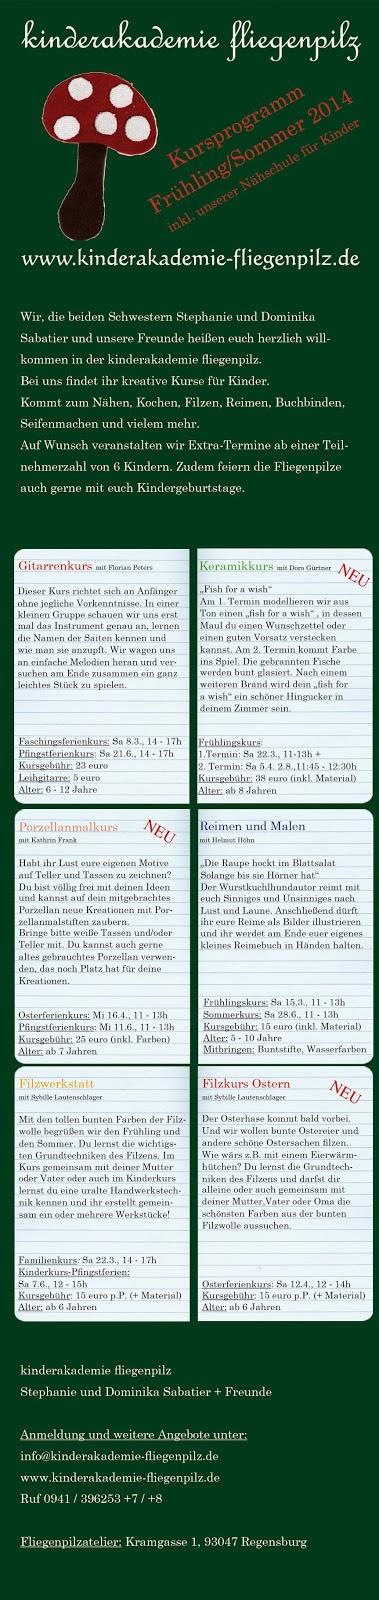 http://kinderkurse-regensburg.de/